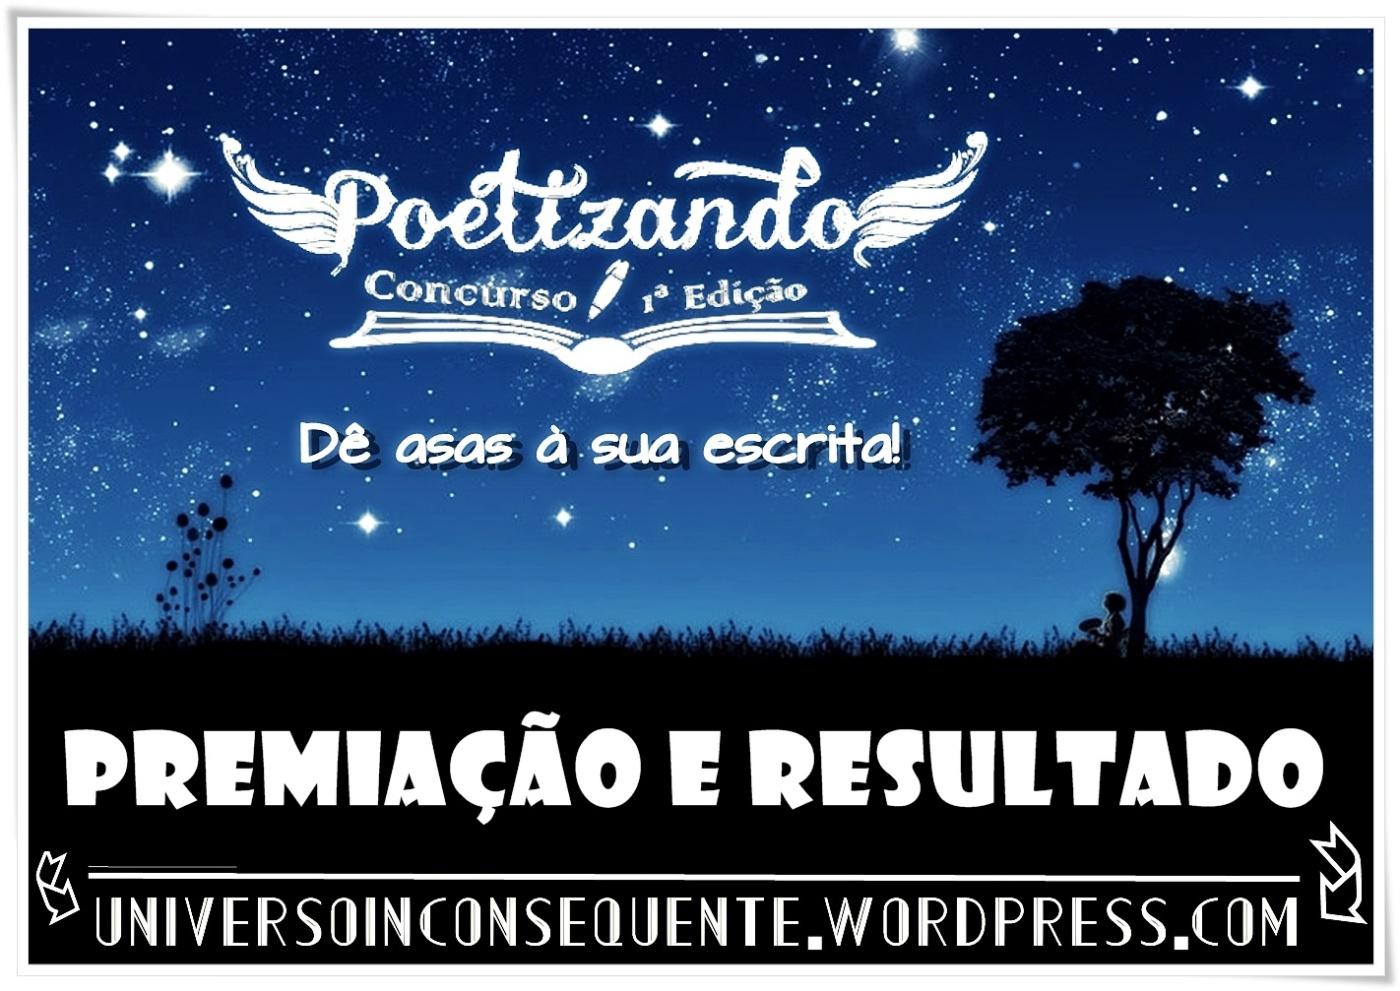 BANNER POETIZANDO PREMIAÇAO E RESULTADO